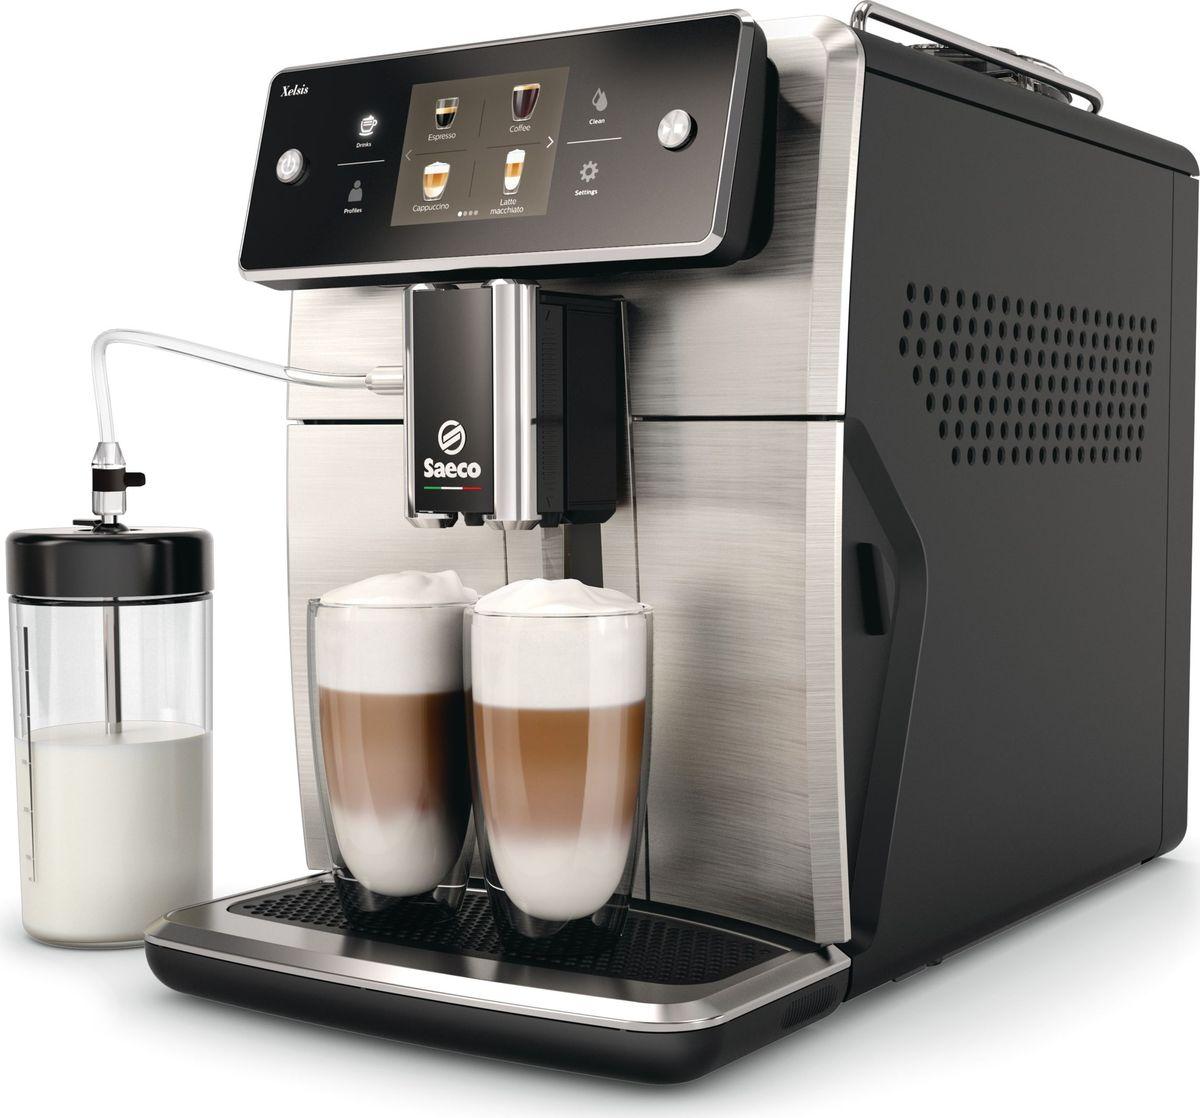 Saeco Xelsis SM7683/00 кофемашина кофемашина jura a9 aluminium 15118 1450вт 15бар автокапуч